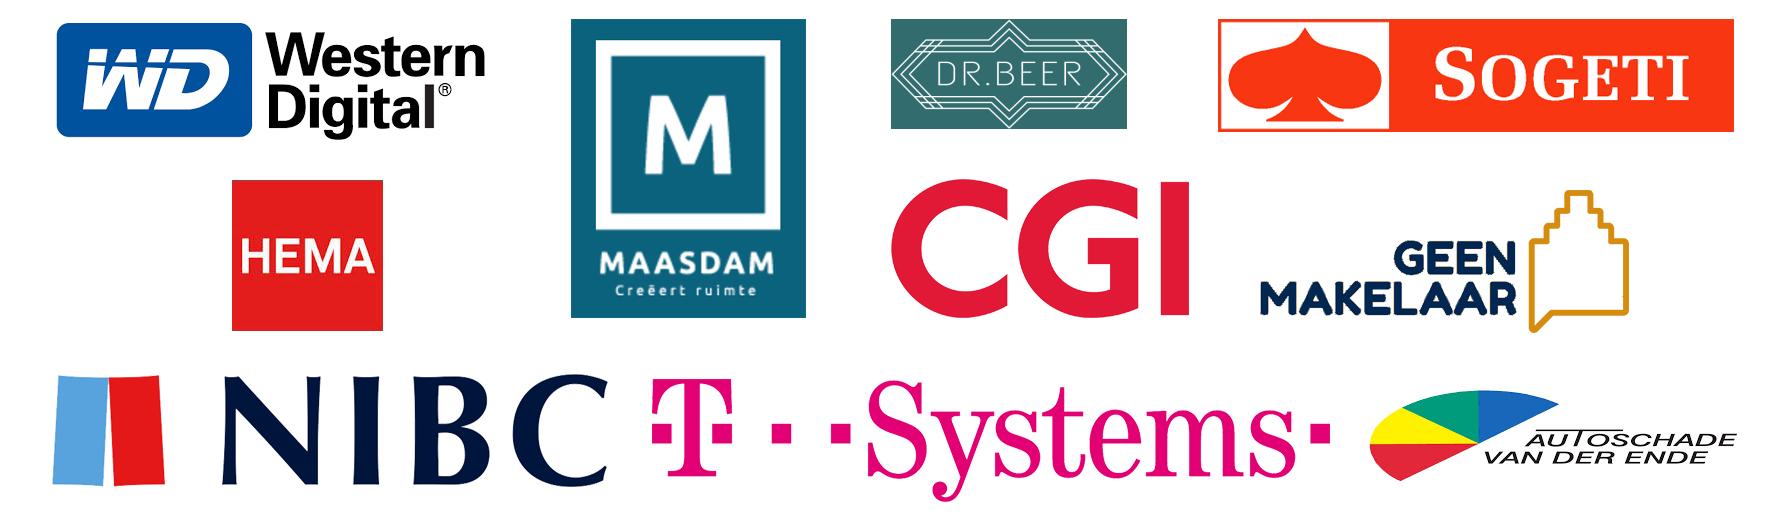 Overzicht van opdrachtgevers met hun logo's